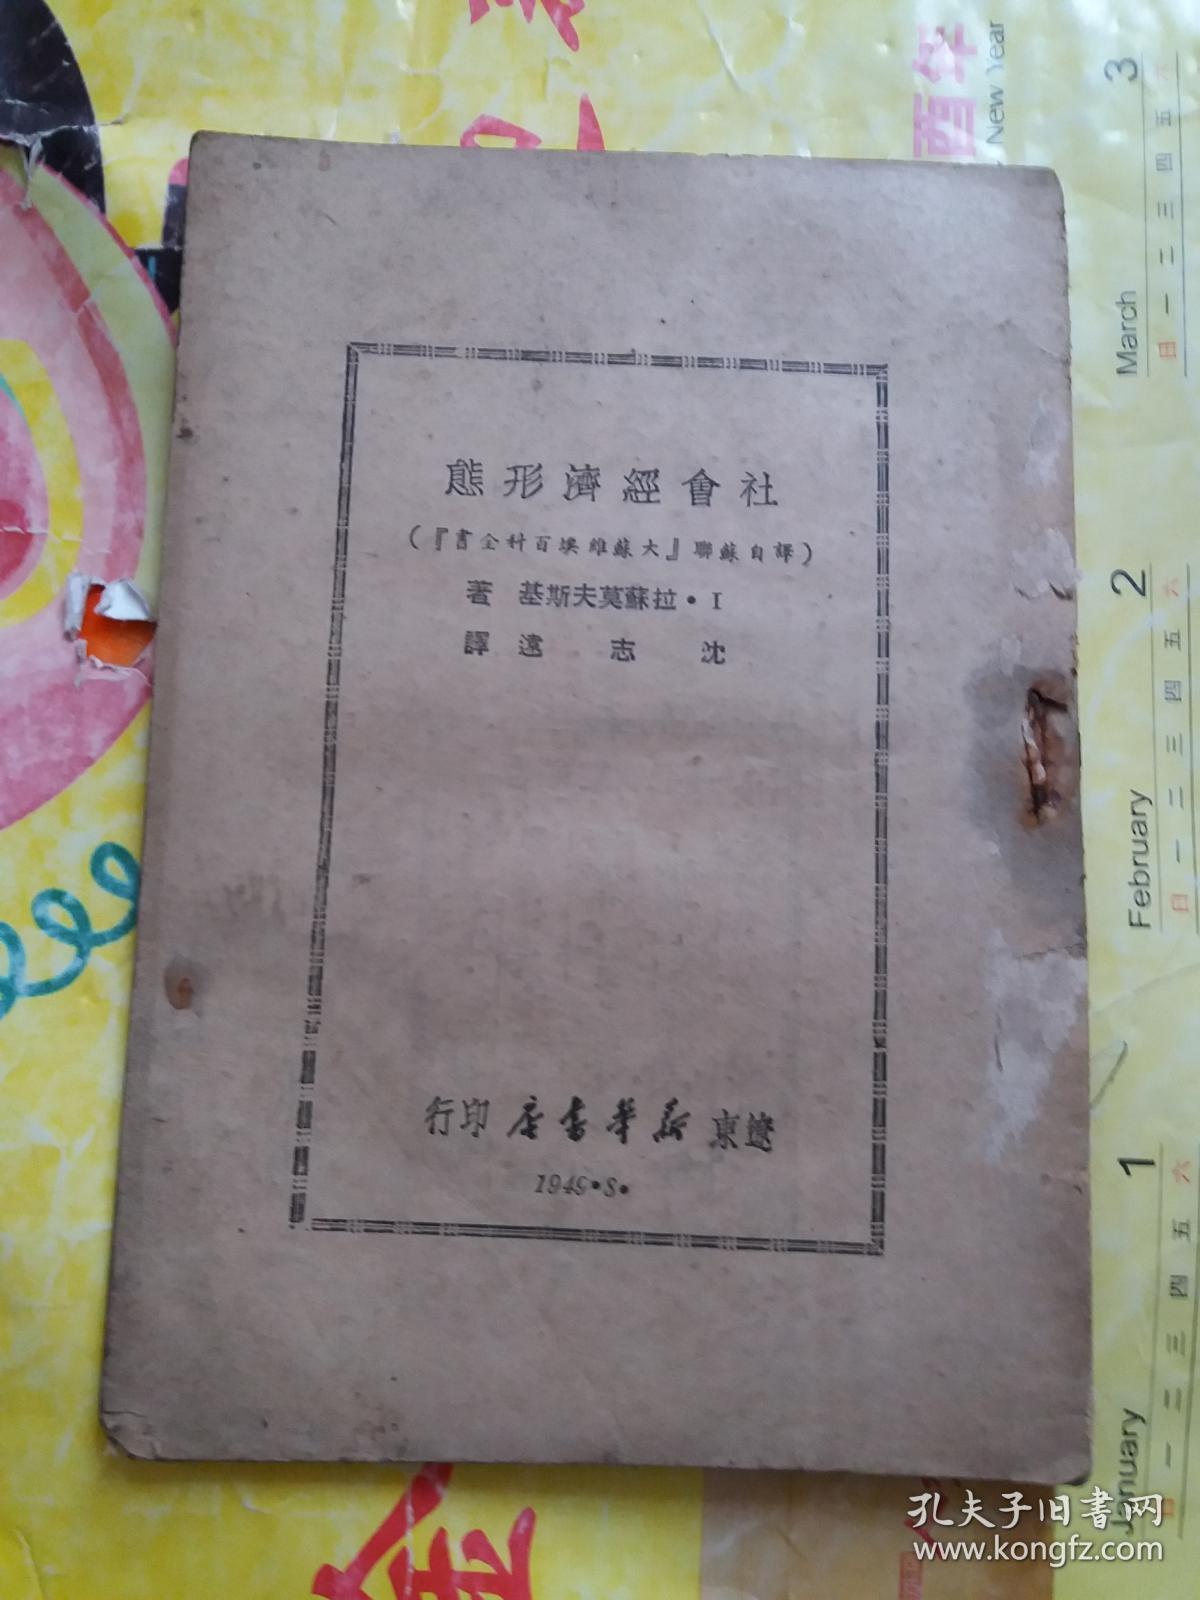 社会经济形态【拉苏莫夫斯基著、沈志远译